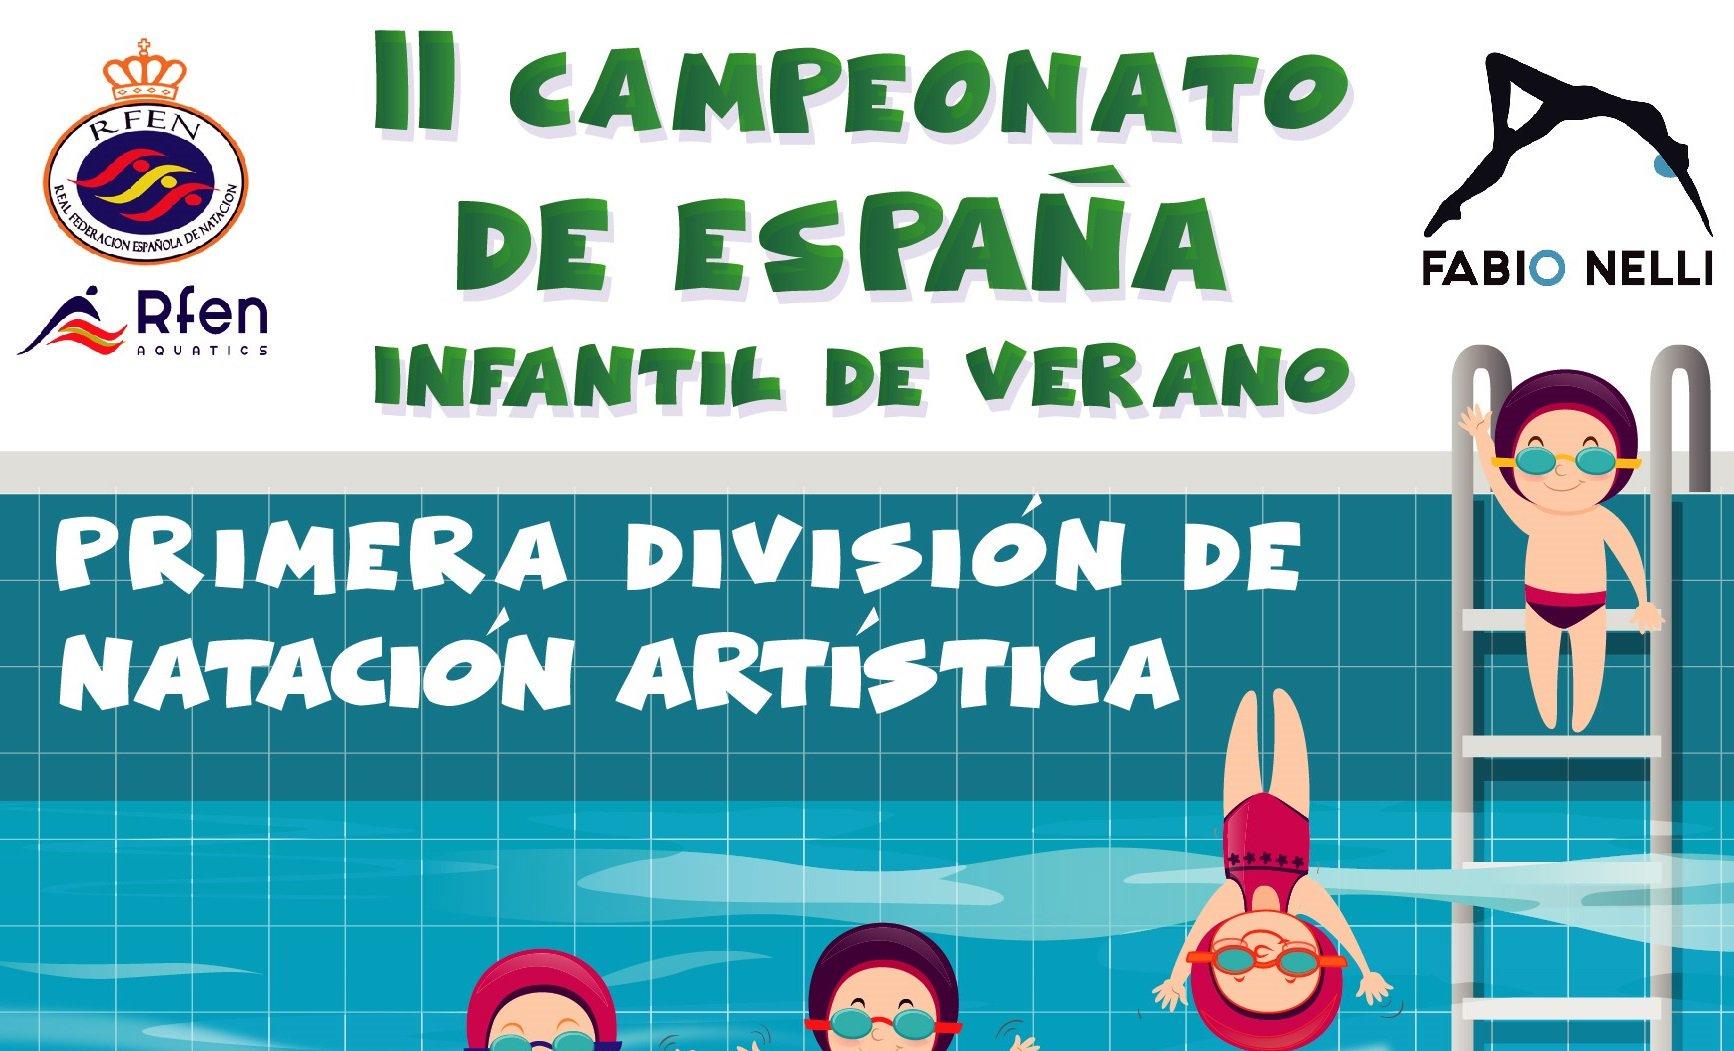 II CAMPEONATO DE ESPAÑA INFANTIL DE VERANO - PRIMERA DIVISIÓN DE NATACIÓN